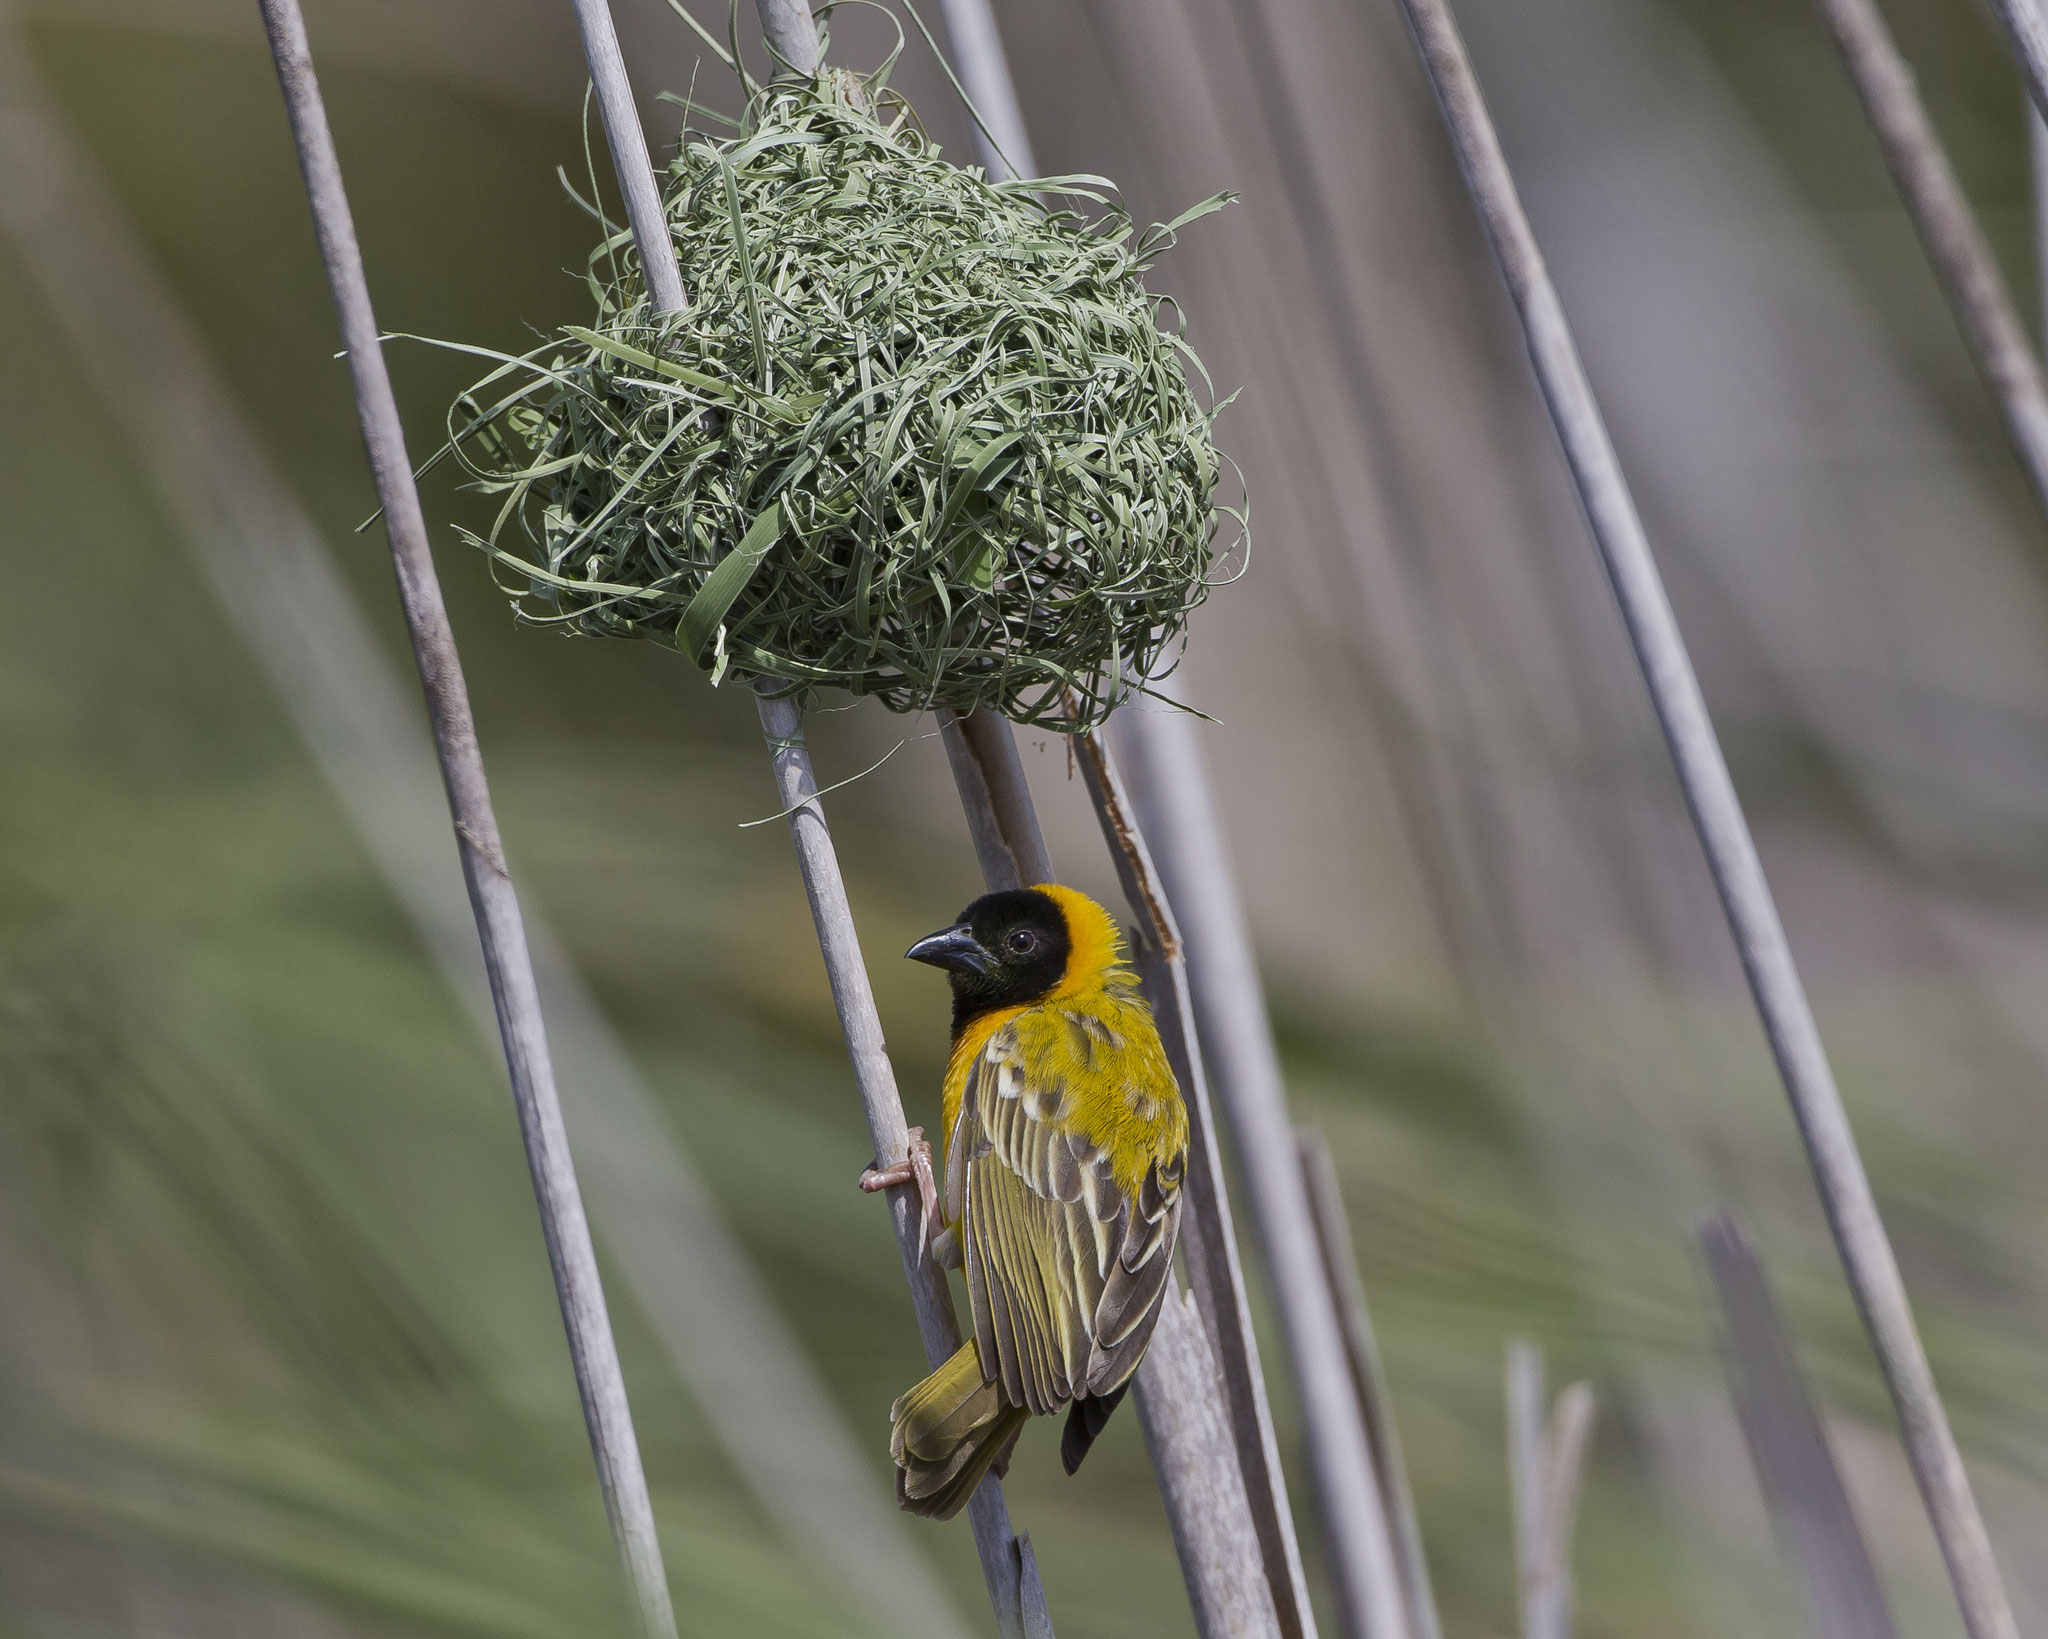 Schwarzkopfwebersind geschickte Nestbaumeister und legen mehrere Nester im Schilfgürtel an